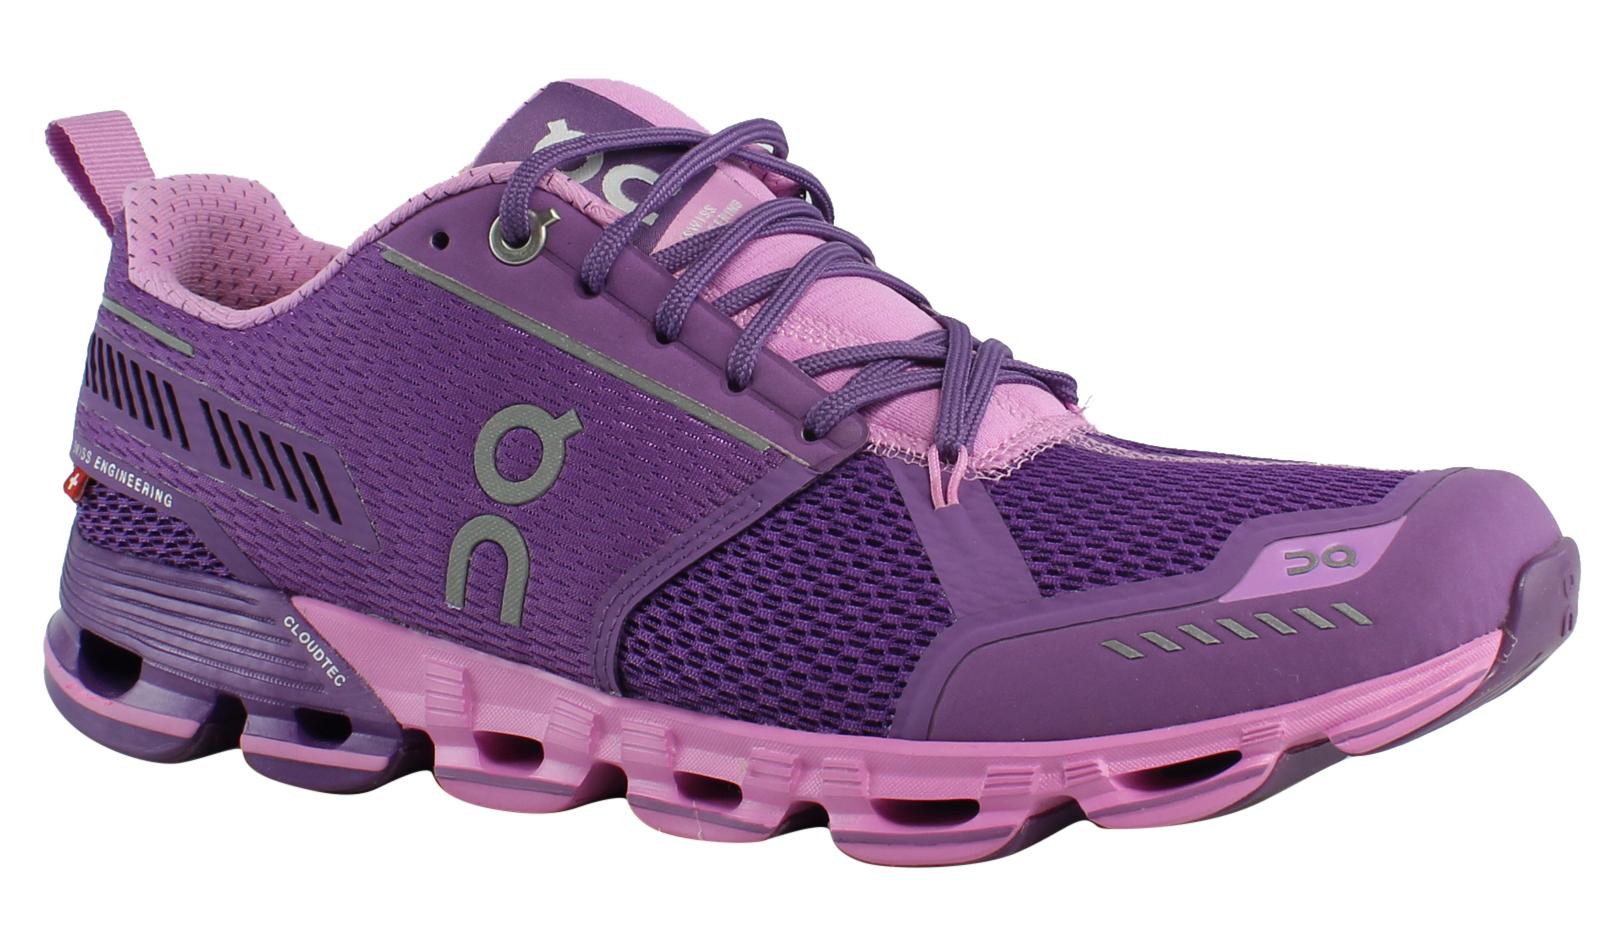 On Cloud Damenschuhe Cloudflyer Purple Running Schuhes Größe 8.5 (429969)